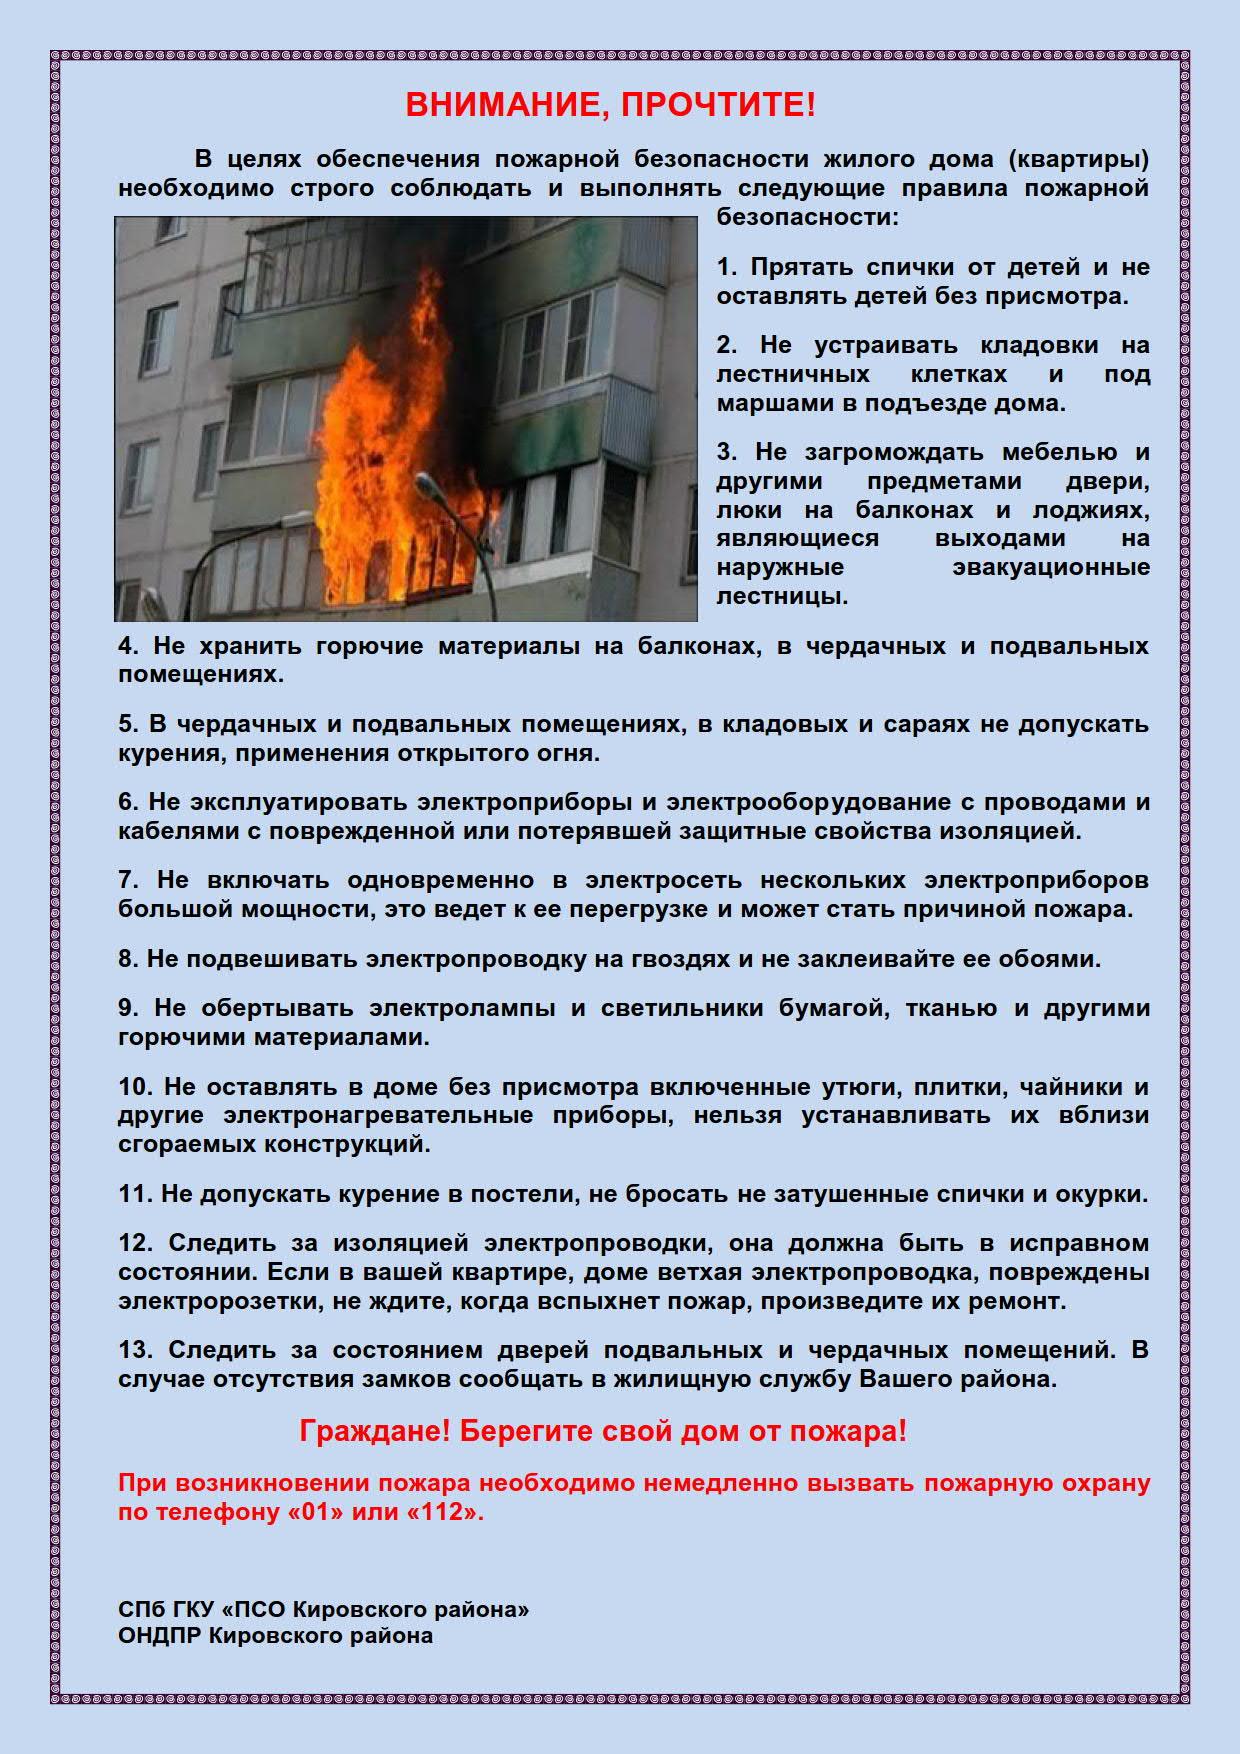 ПАМЯТКА - для жилых домов_1